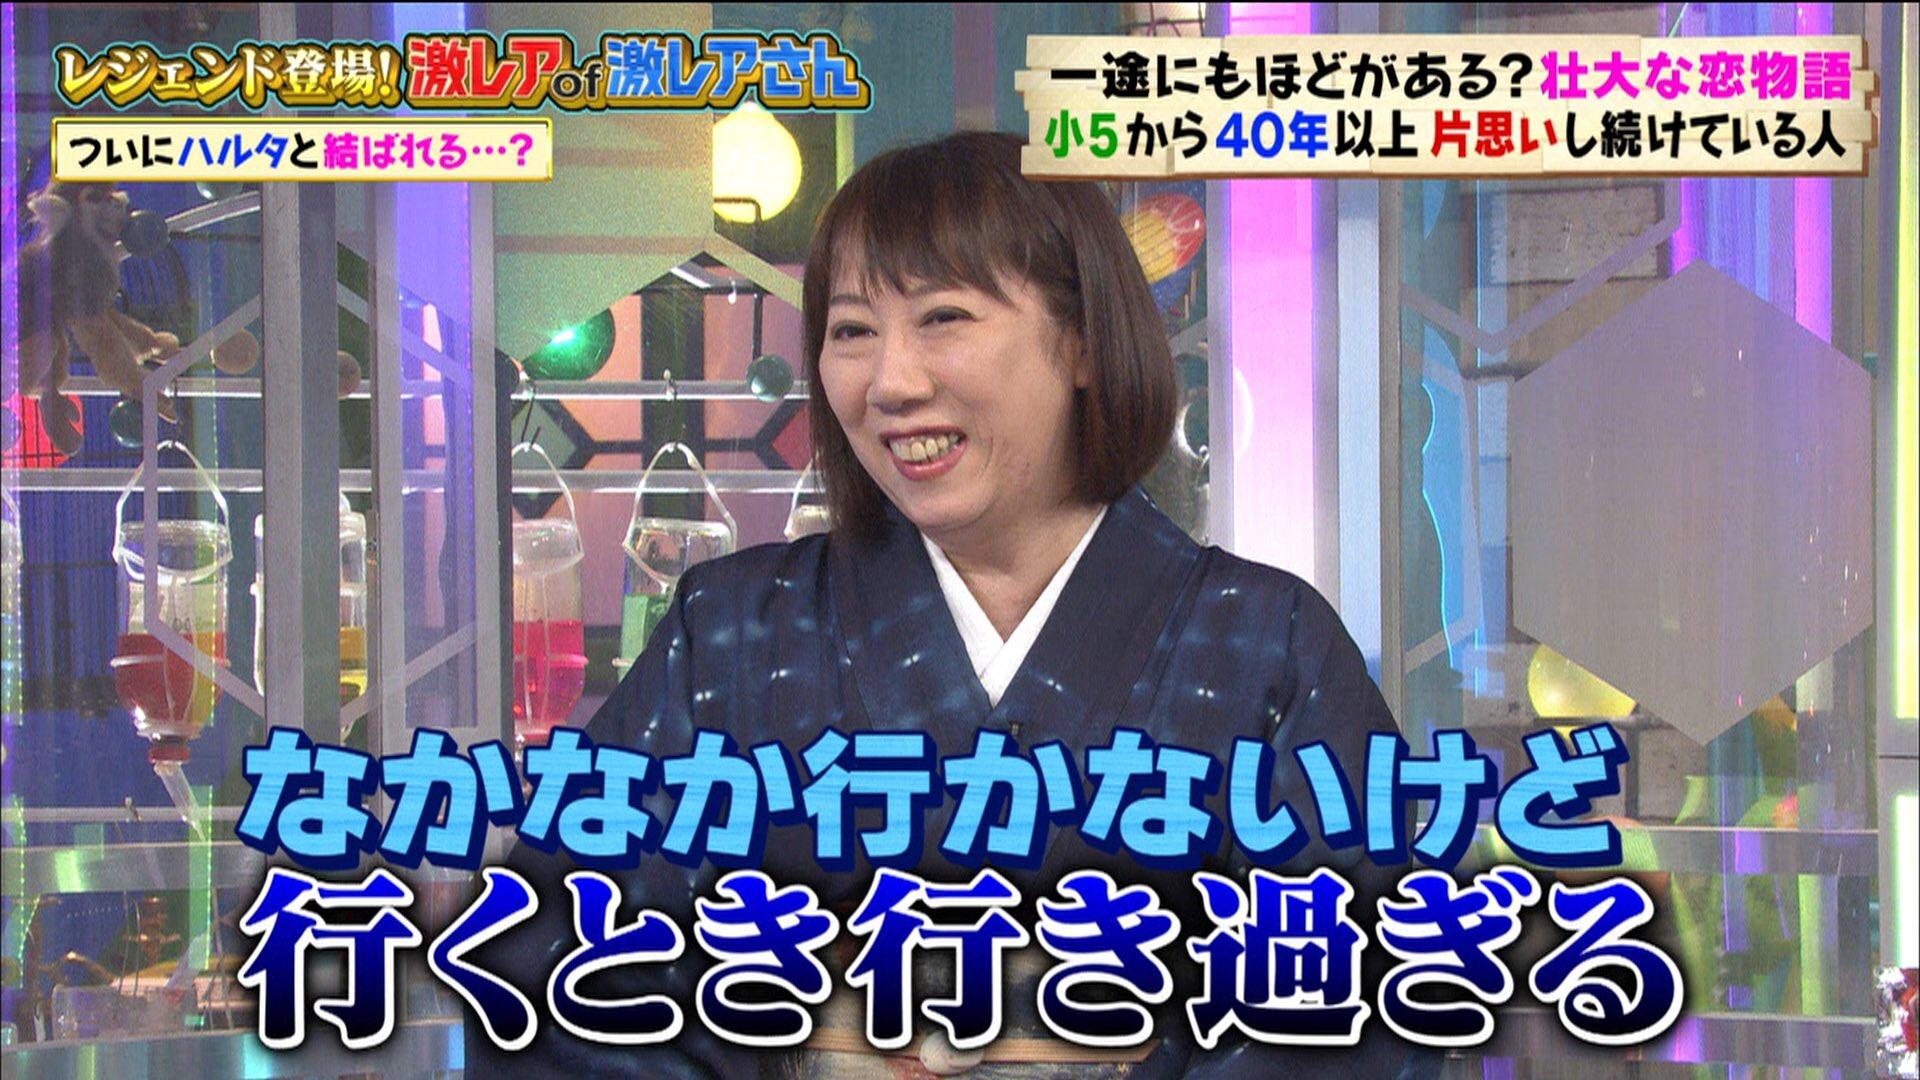 【激レアさん】タジマさんが40年恋したハルタくんの今現在や画像や職業は?